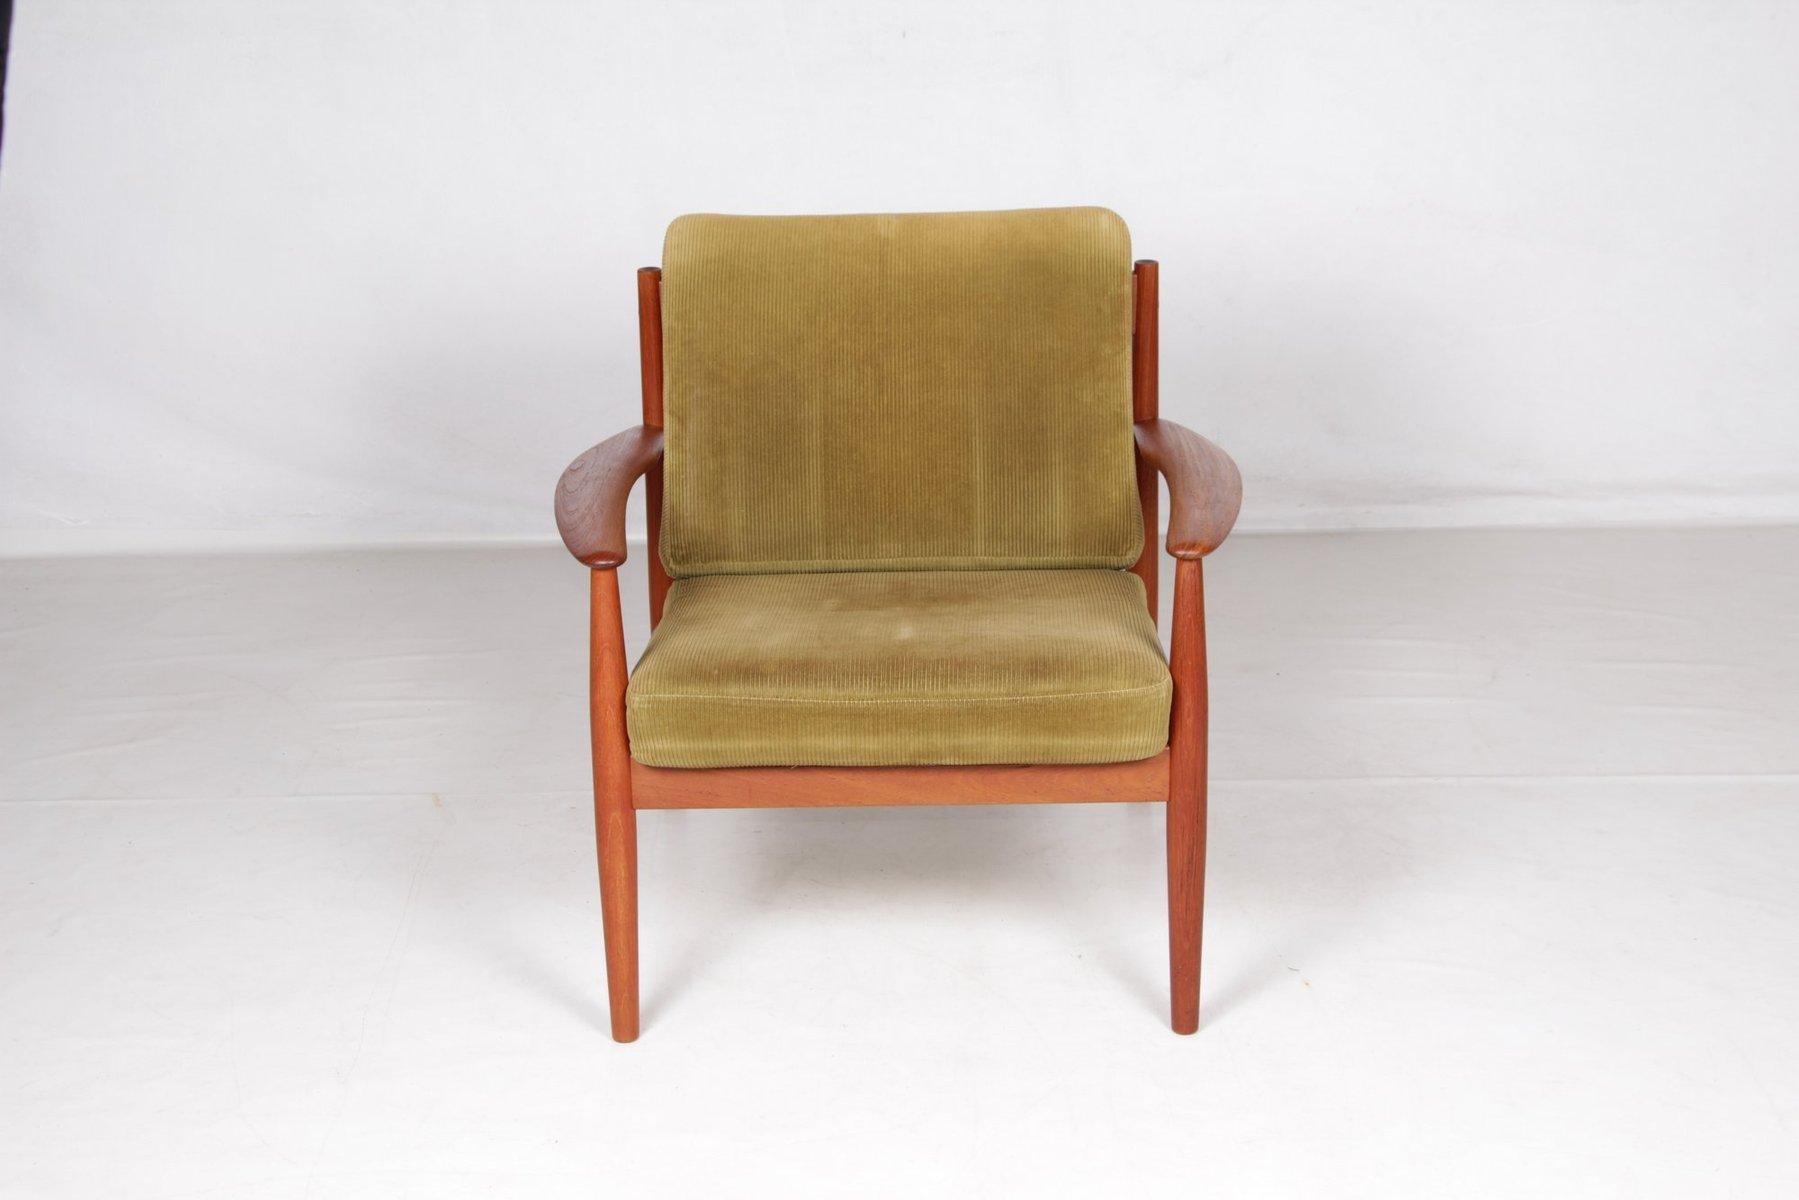 fauteuil club en teck par grete jalk pour s 248 n 1960s en vente sur pamono